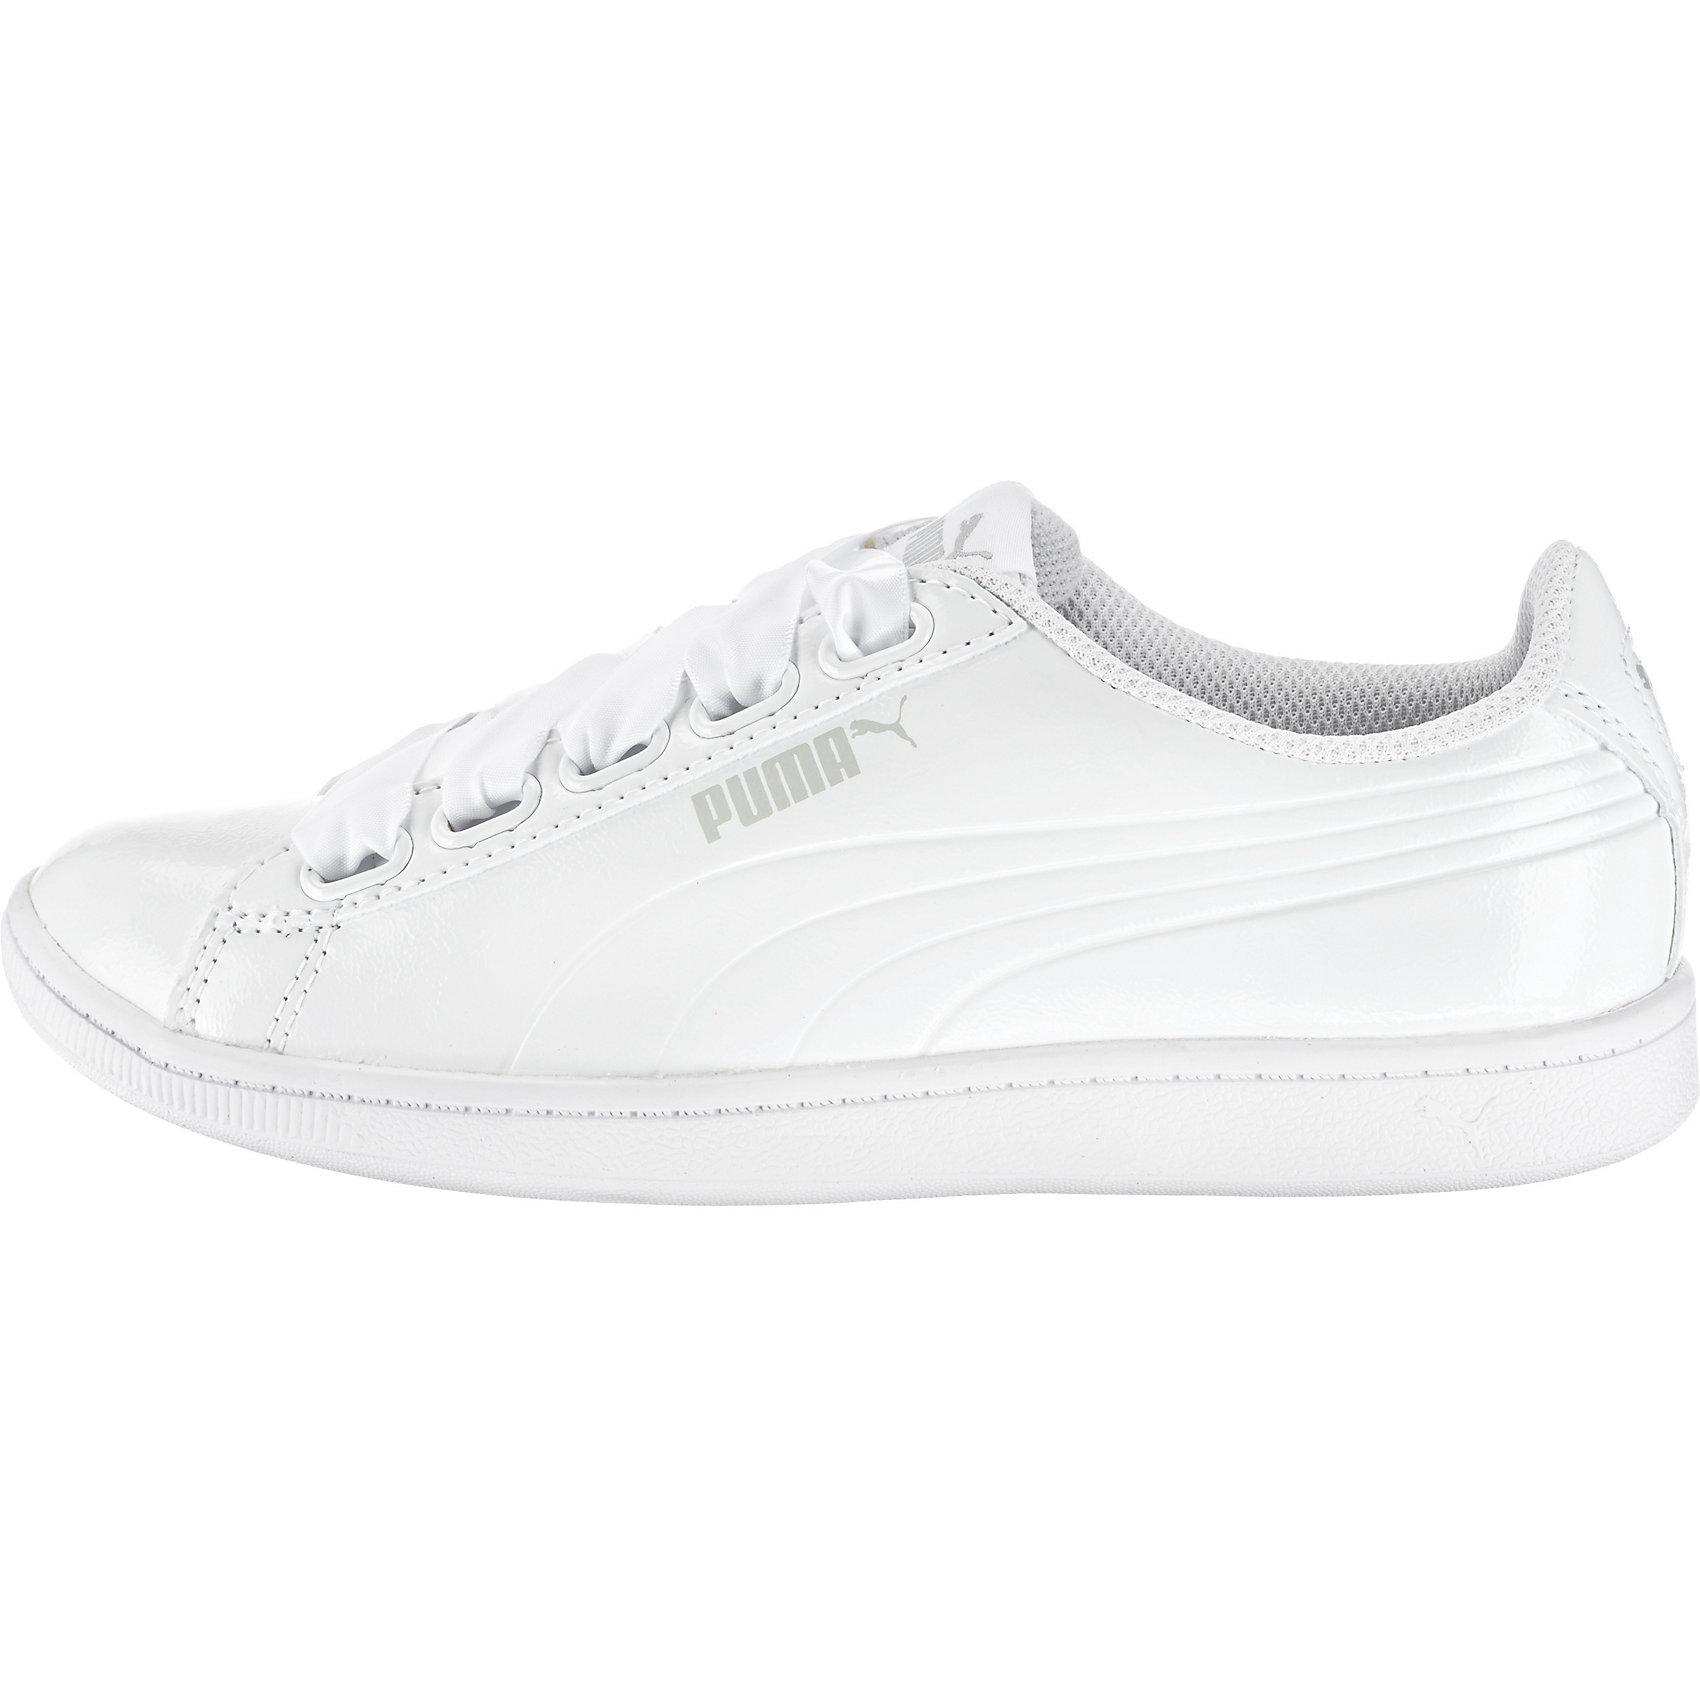 Neu Sneakers PUMA Vikky Ribbon P Sneakers Neu Low 7348668 für Damen weiß 66104a